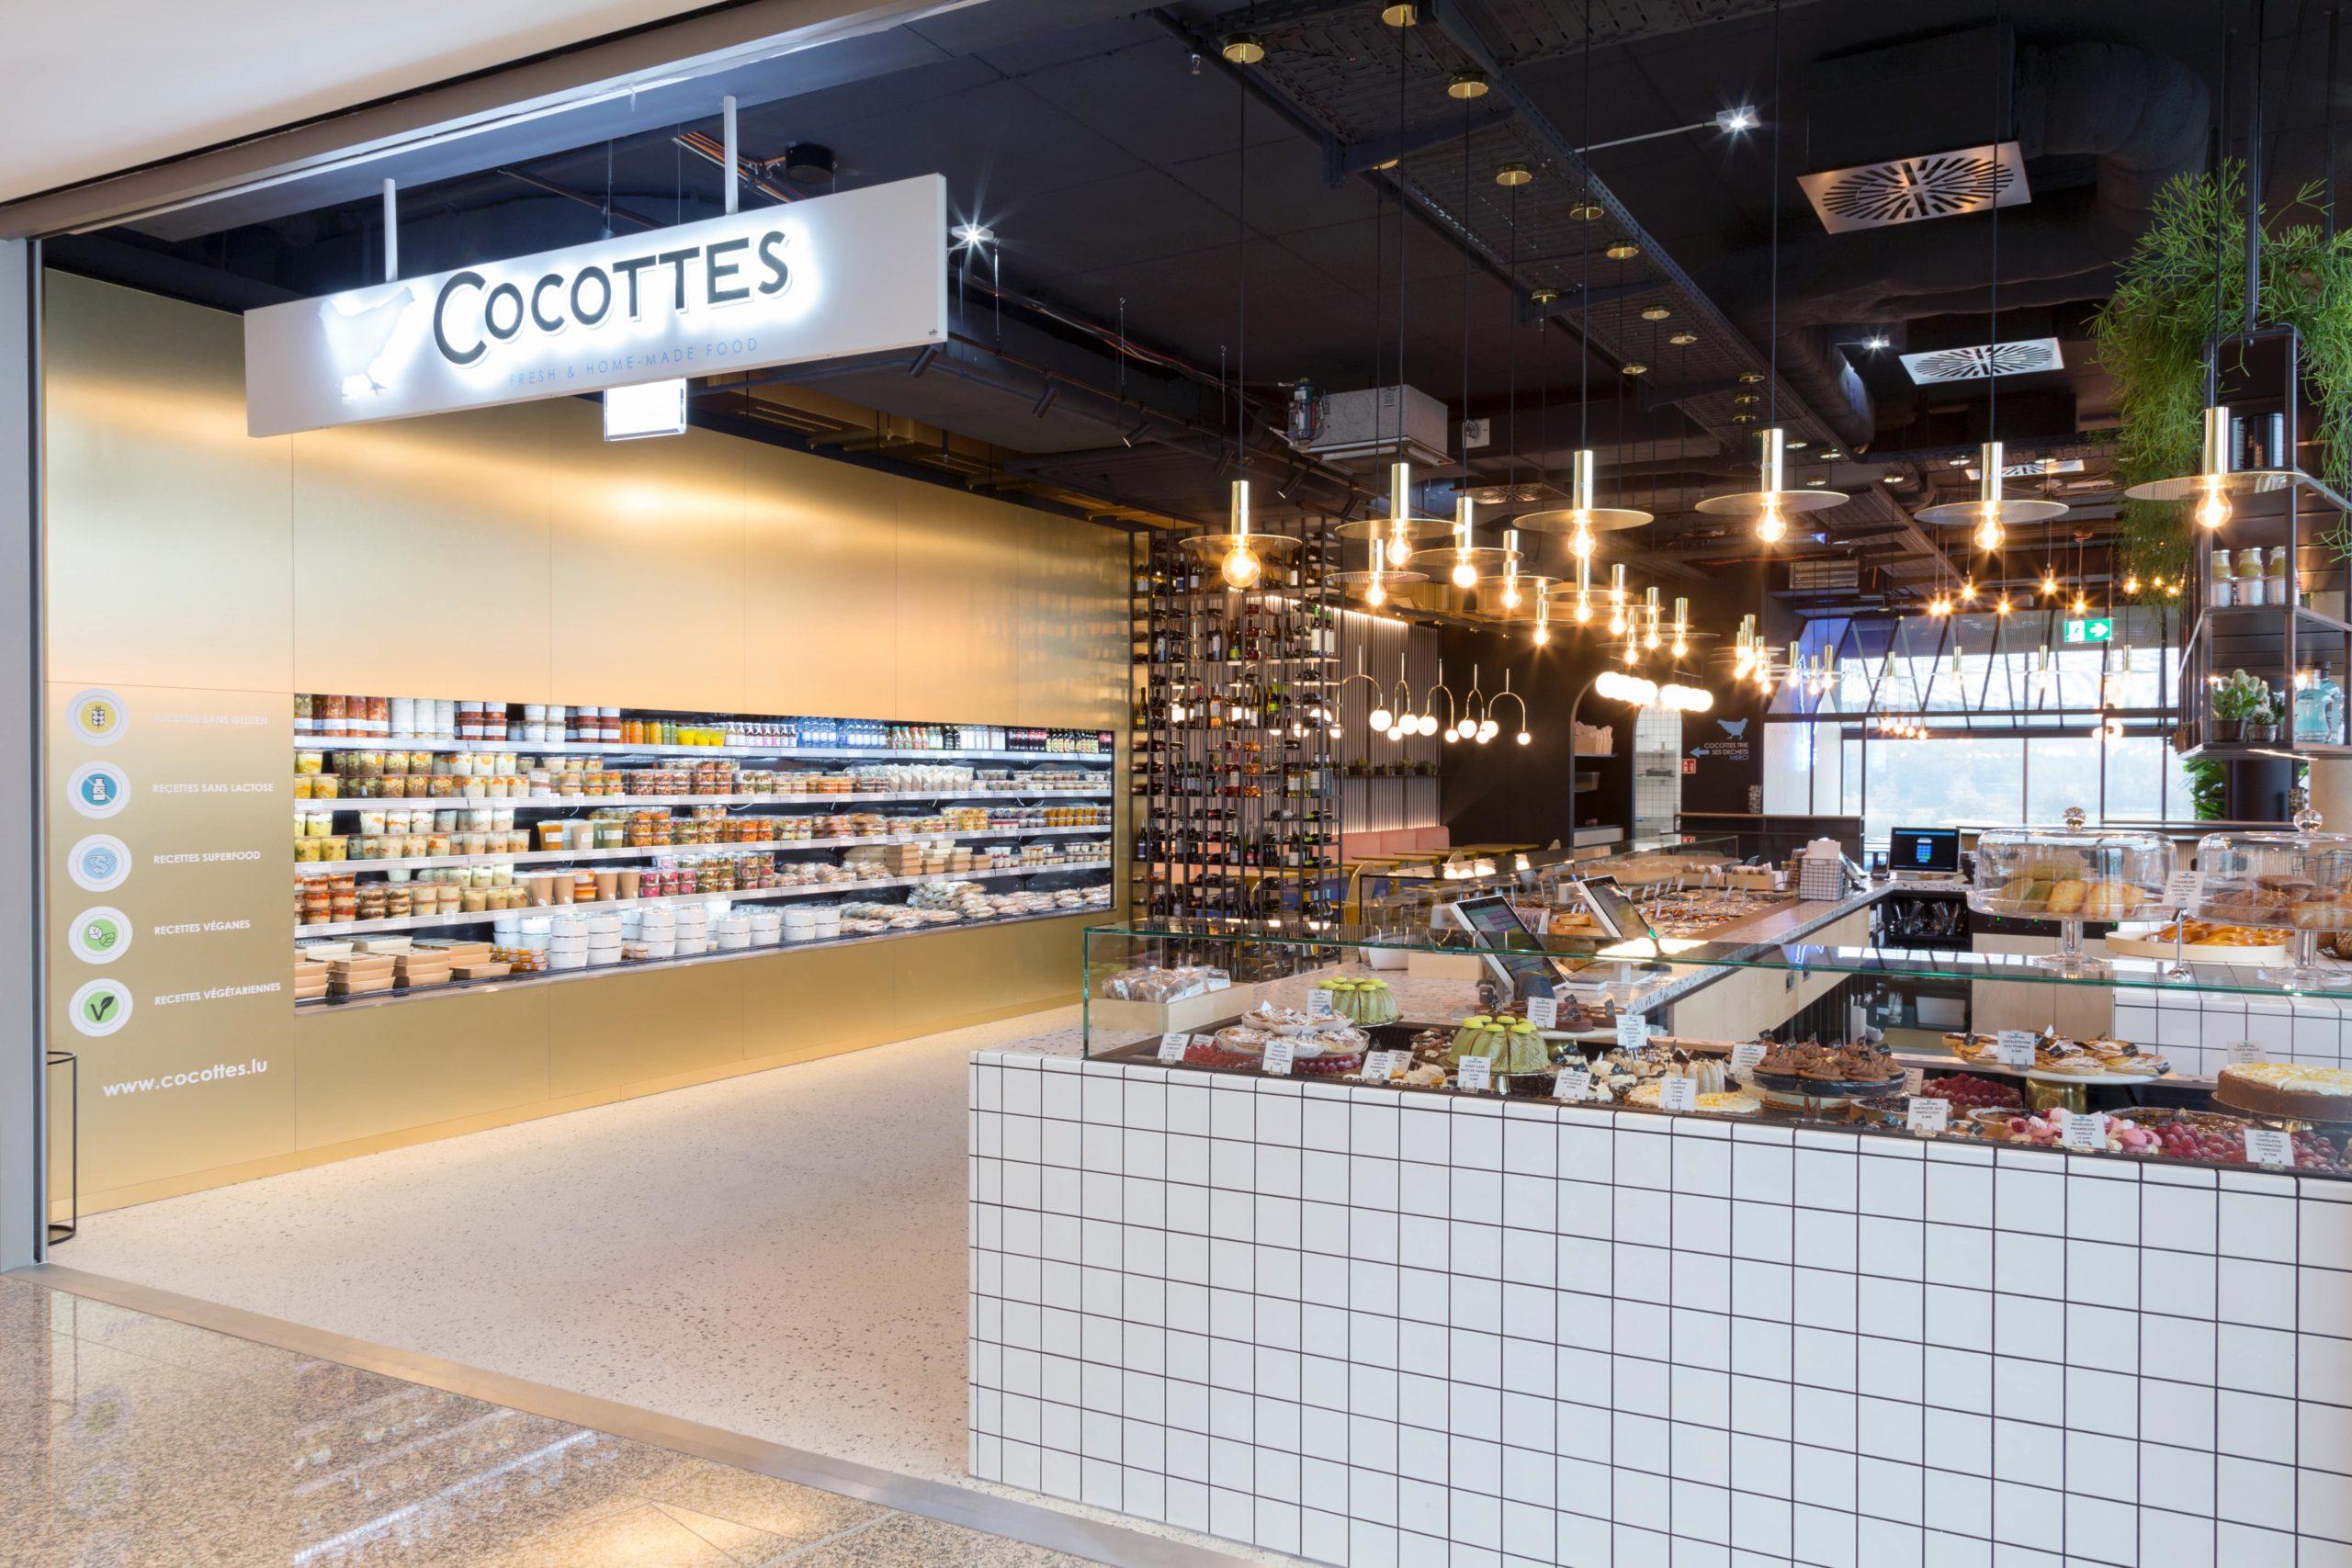 Cocottes city concorde